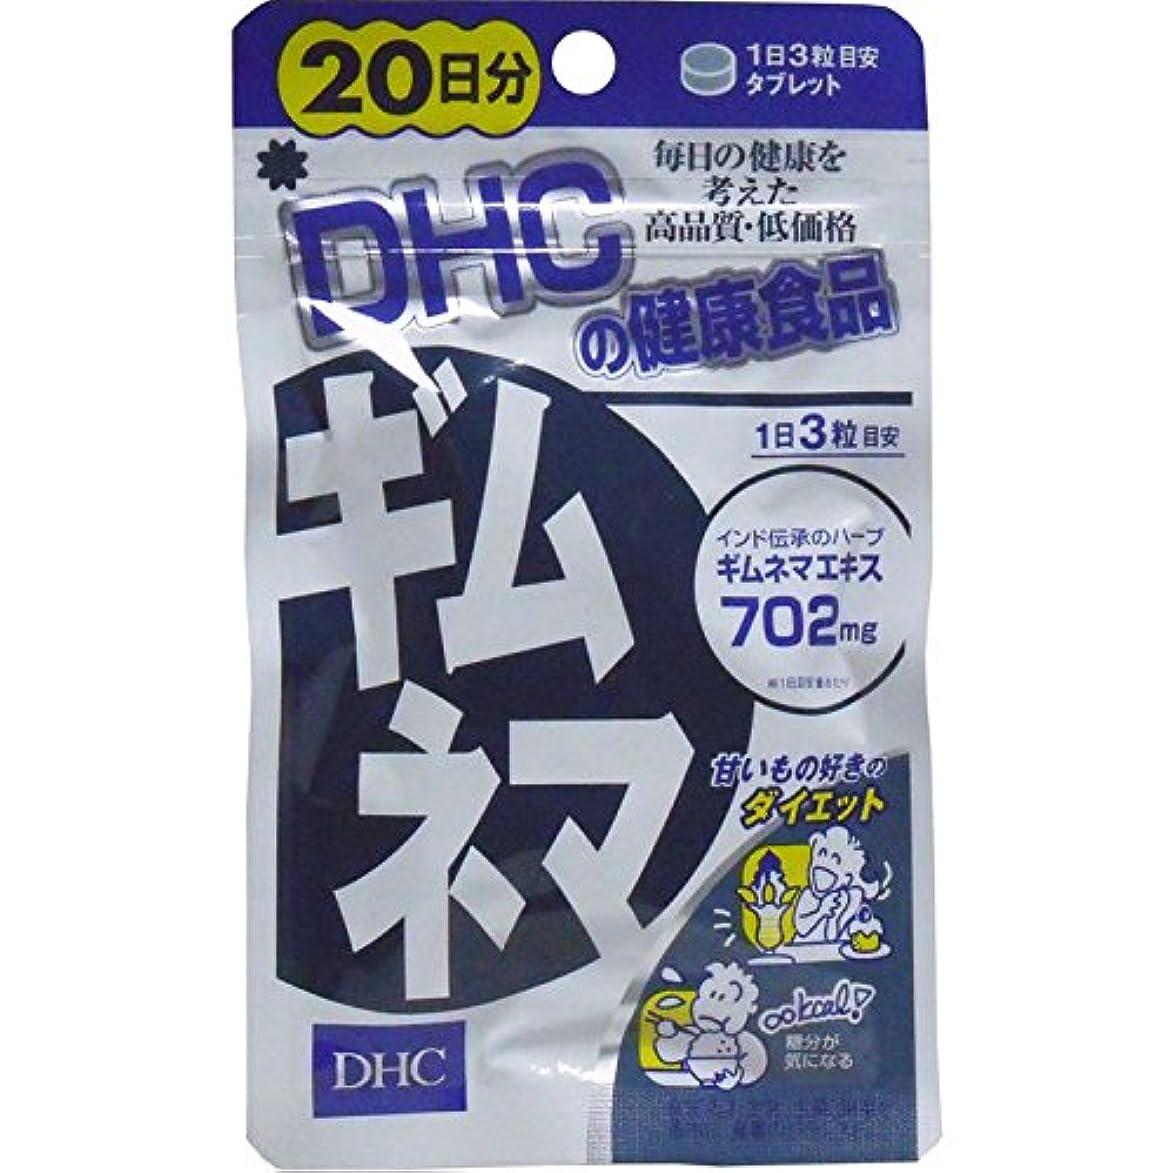 遅れセンターゴミ箱余分な糖分をブロック DHC ギムネマ 20日分 60粒